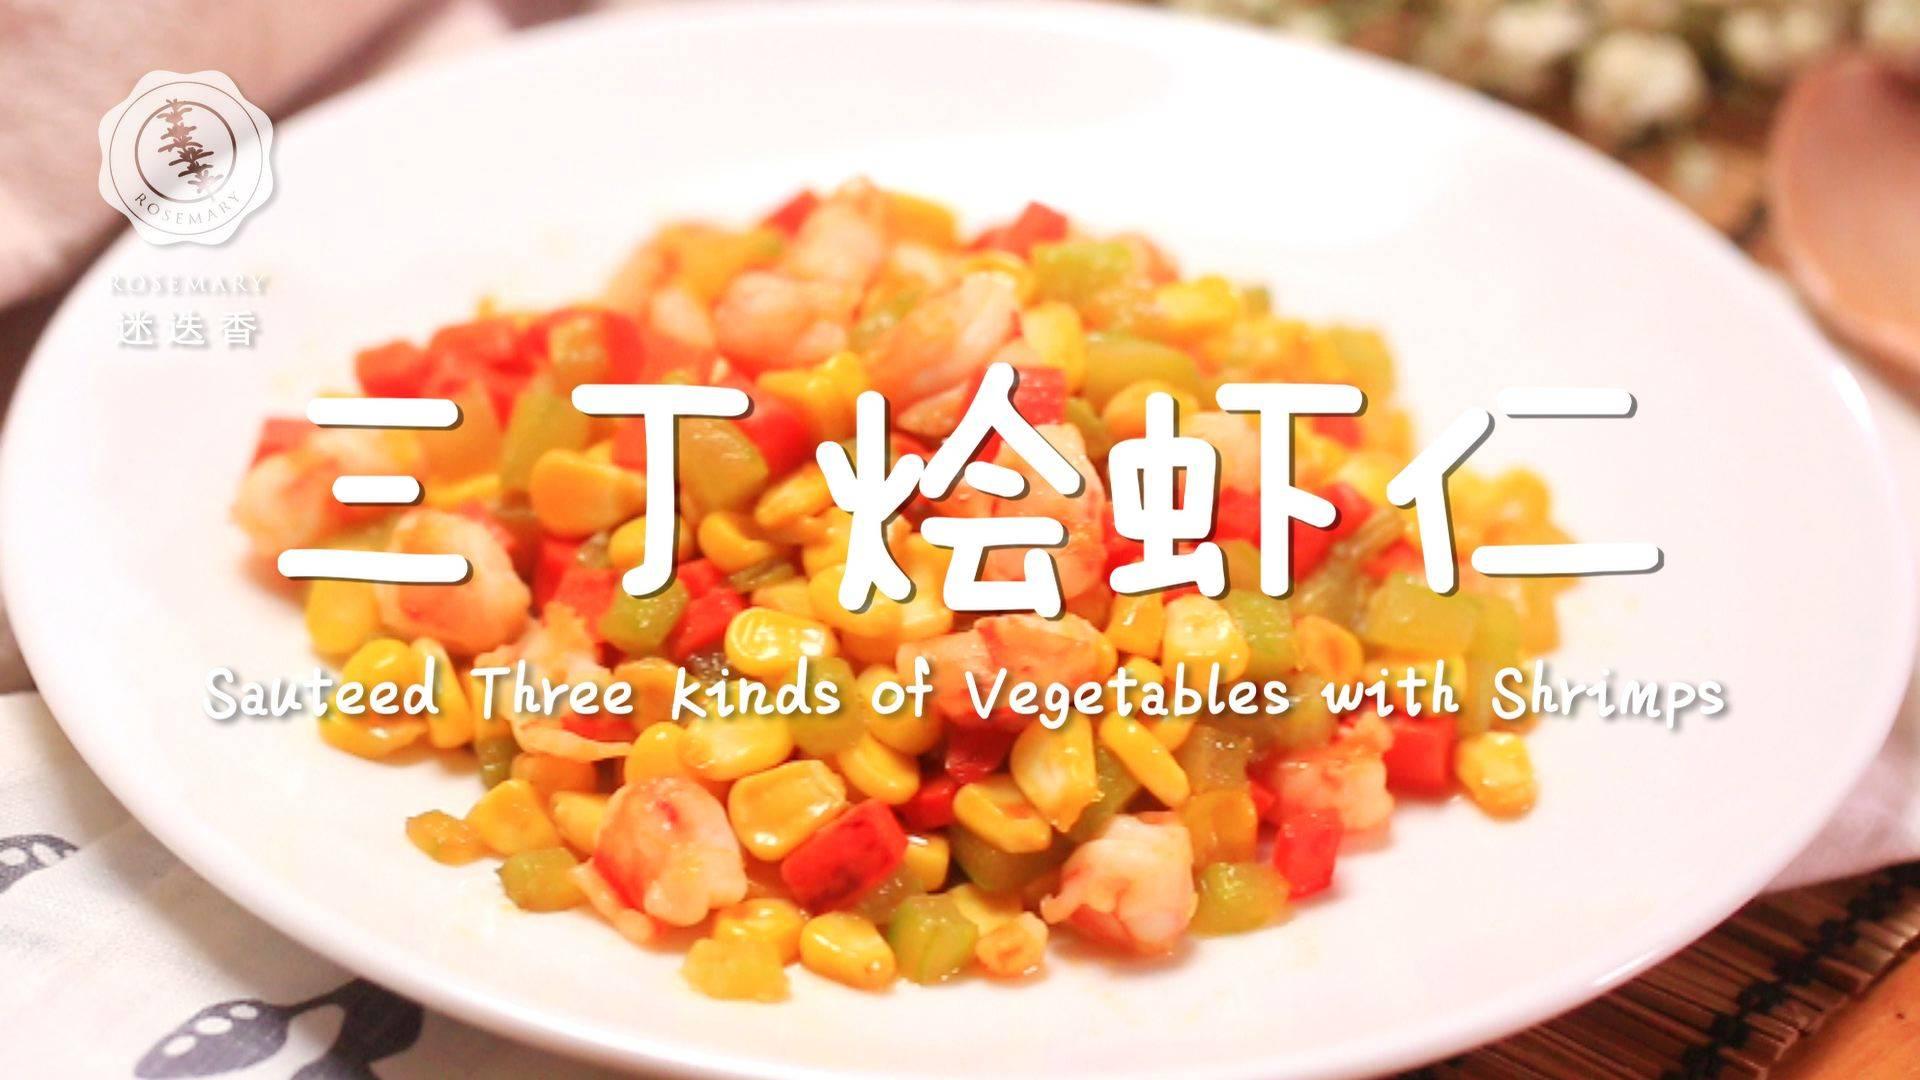 减肥美味新吃法!超清爽的三丁烩虾仁,学会真是赚到了!